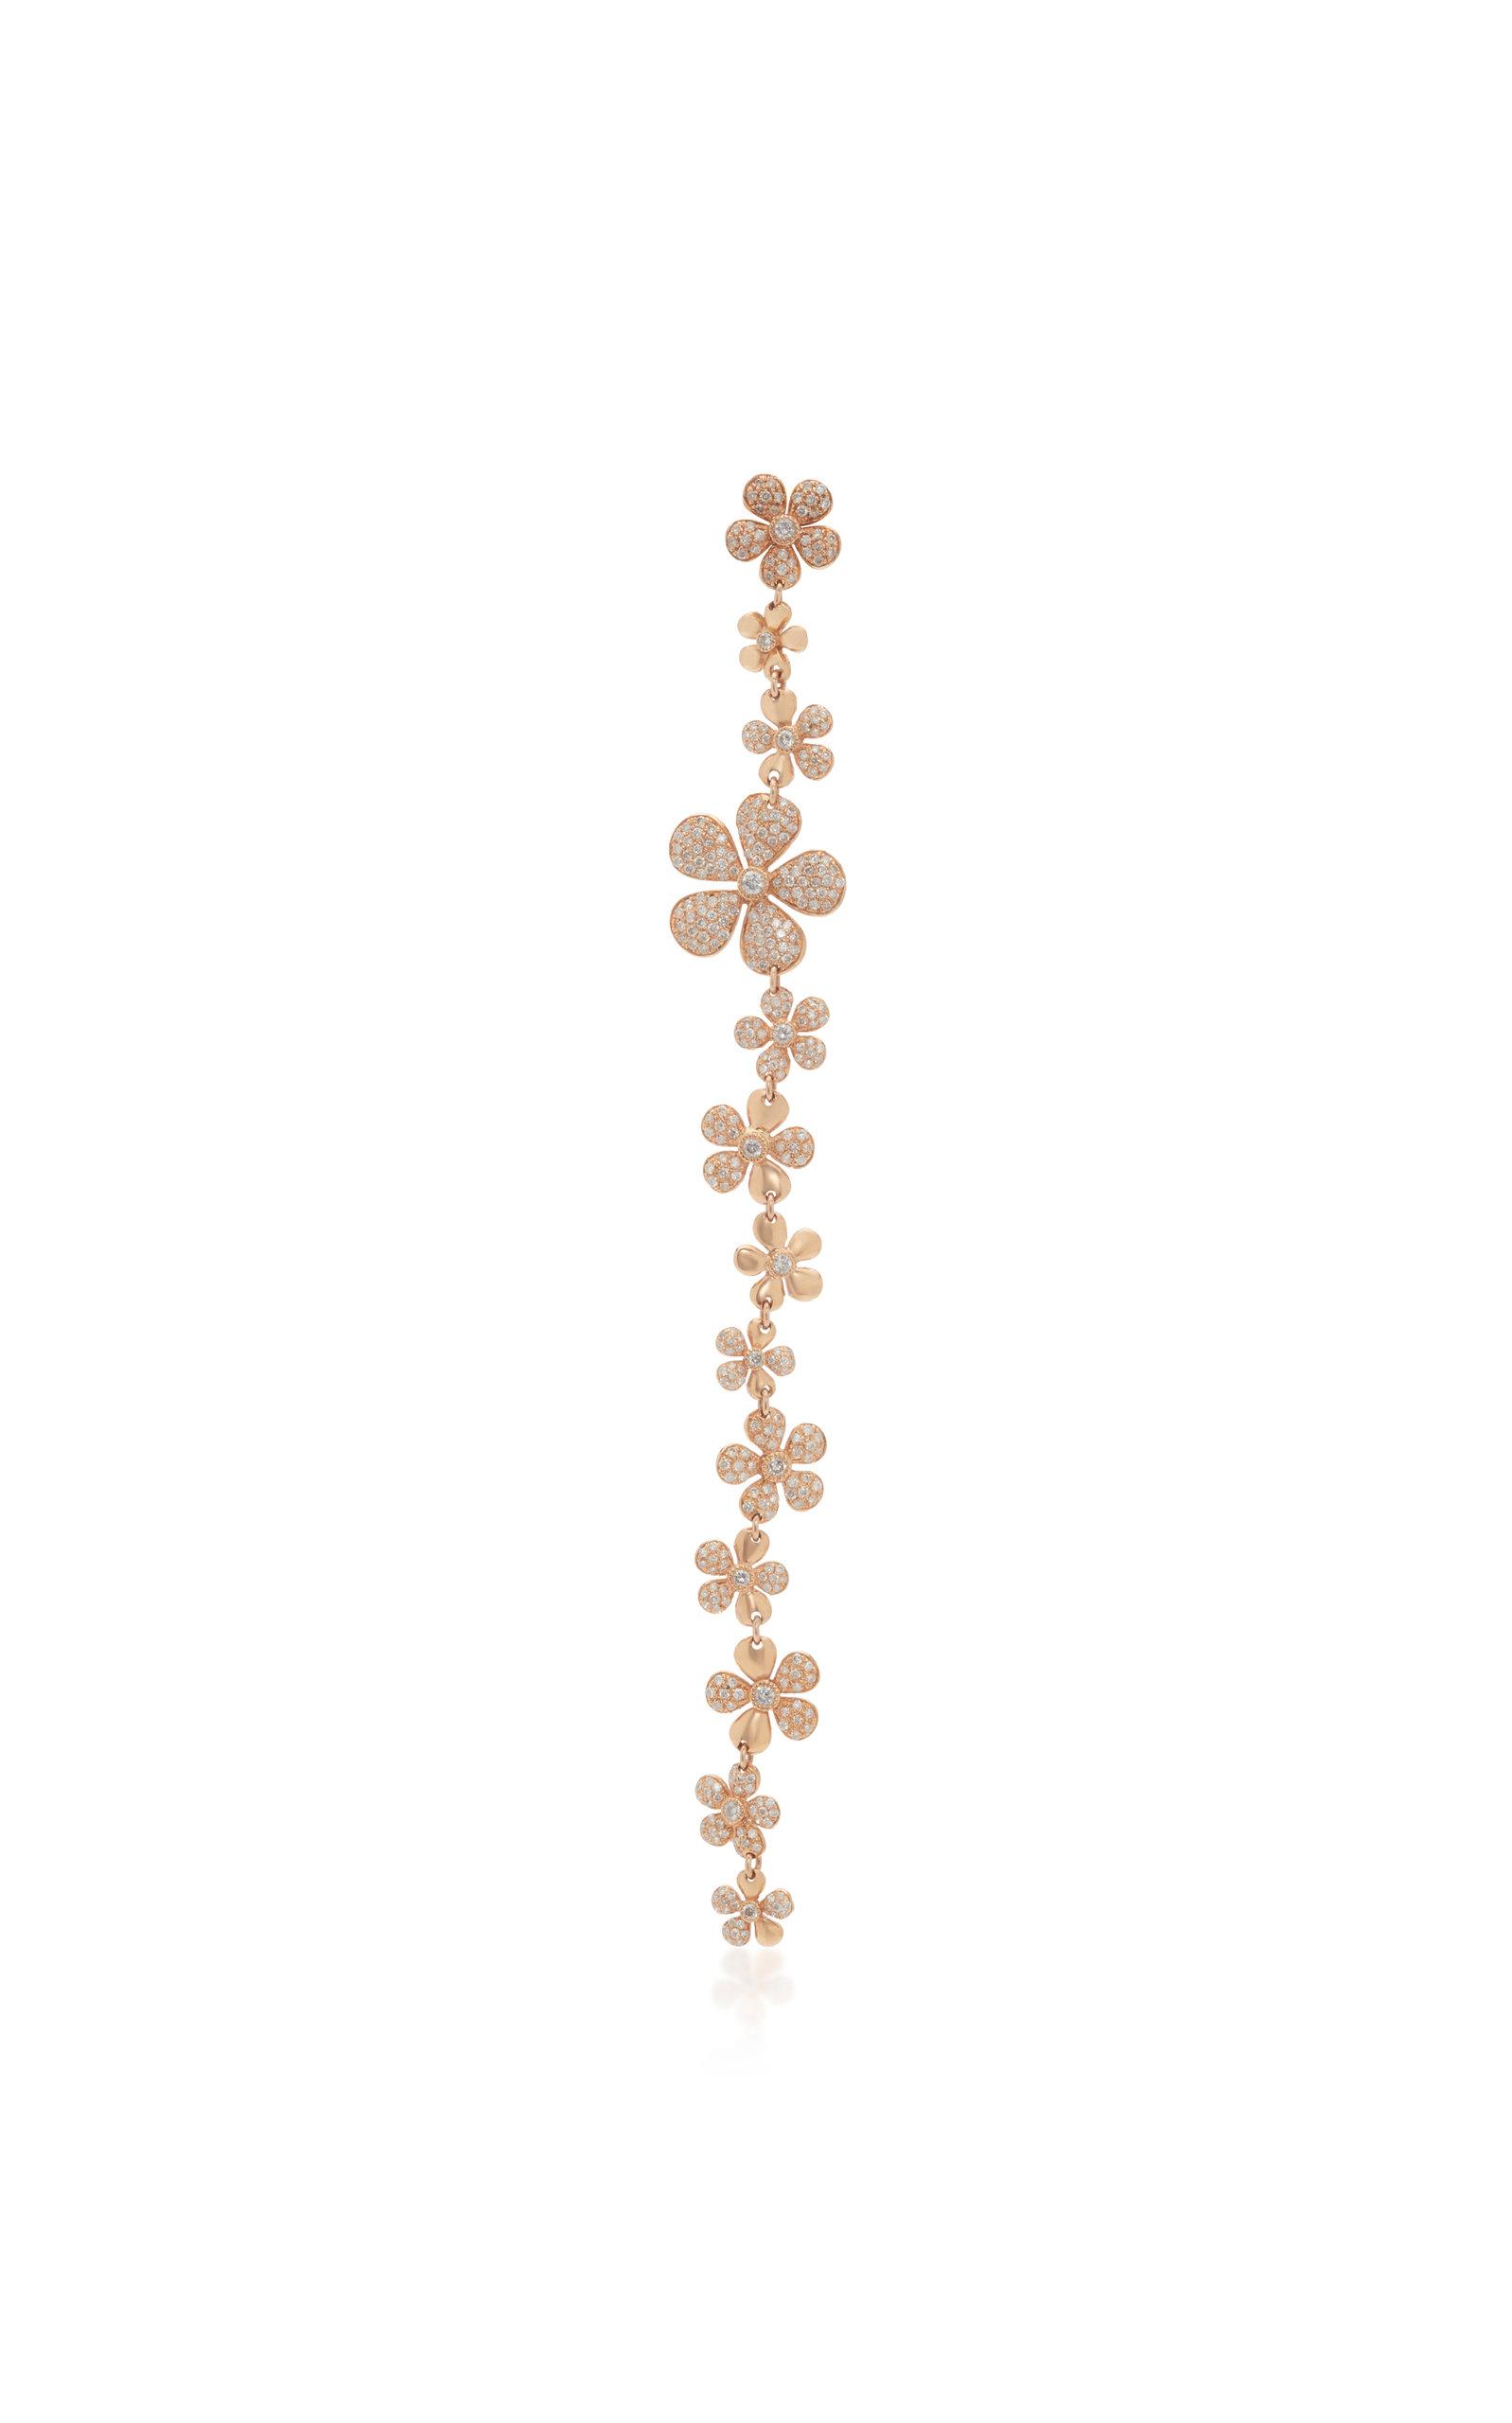 Colette Jewelry - Women's Alejandra 18K Rose Gold And Diamond Single Drop Earring - Gold - Moda Operandi